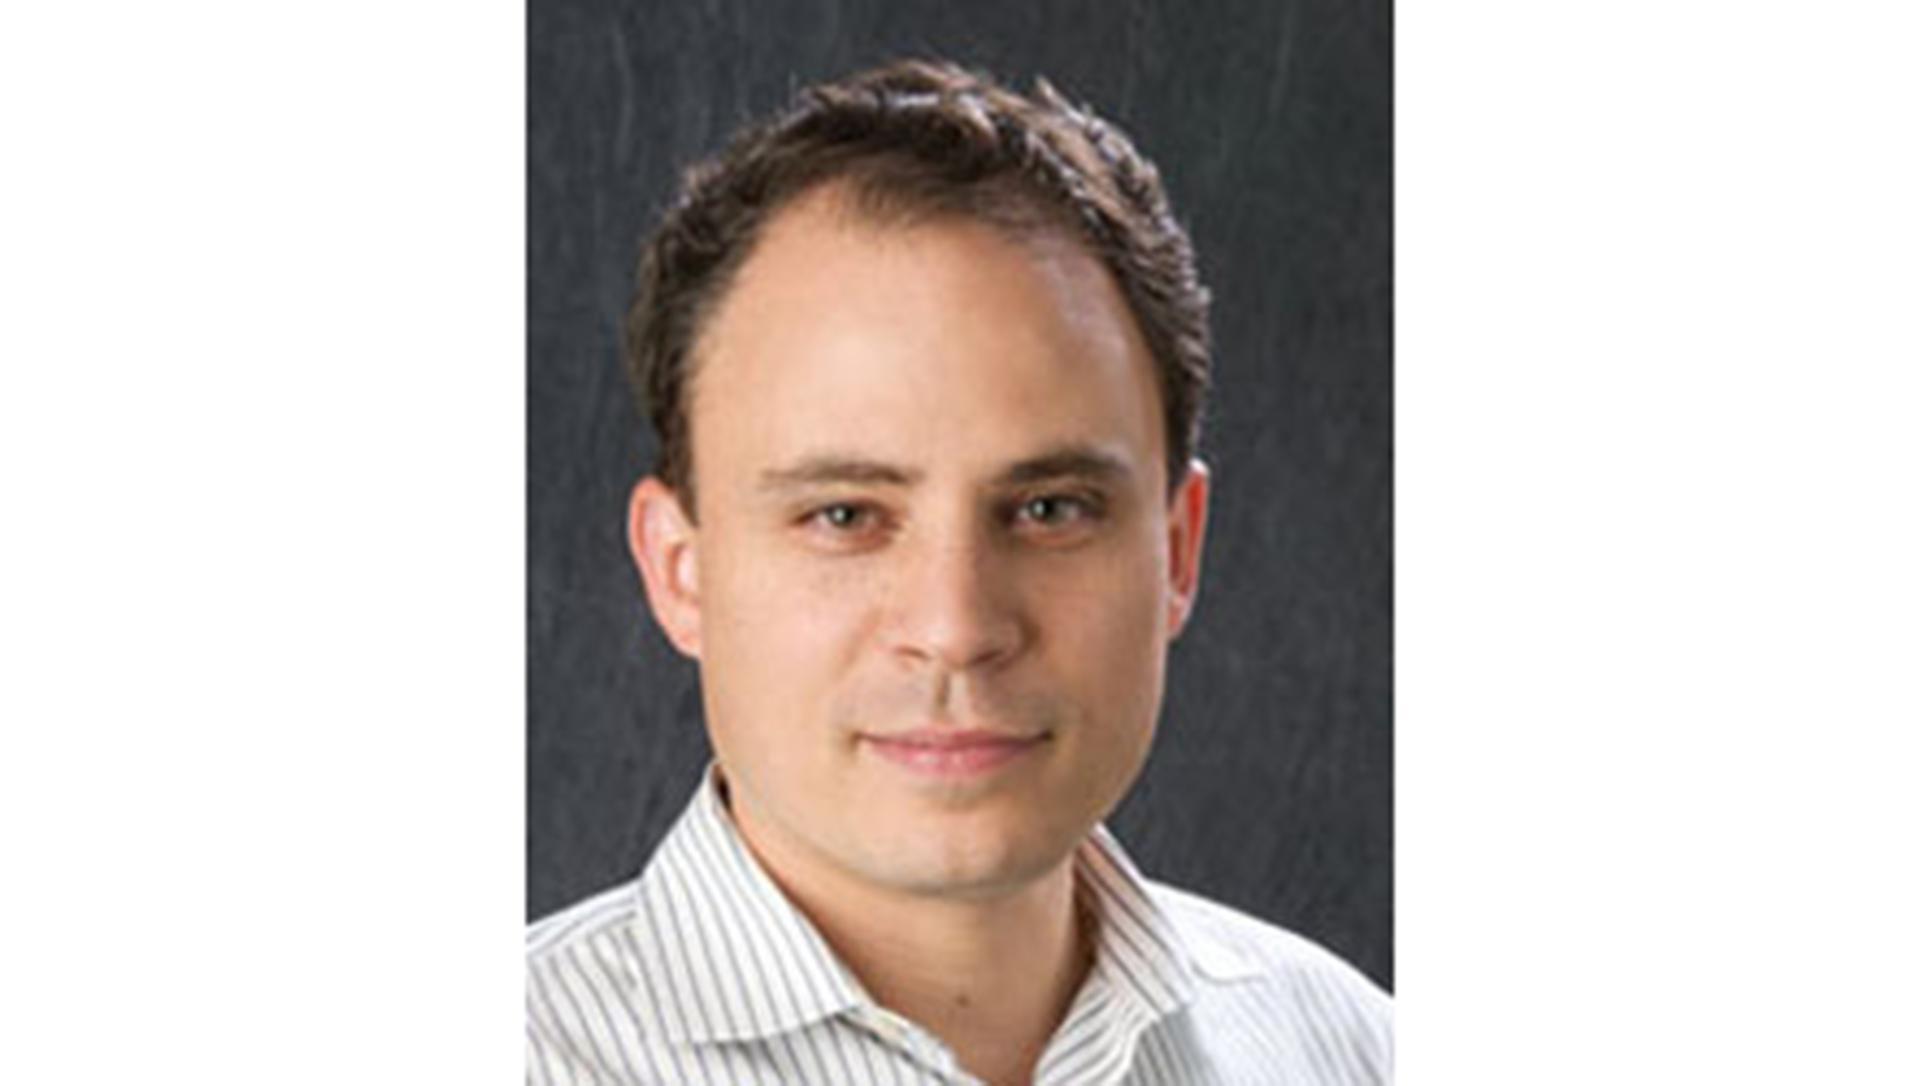 Alexandro Comellas